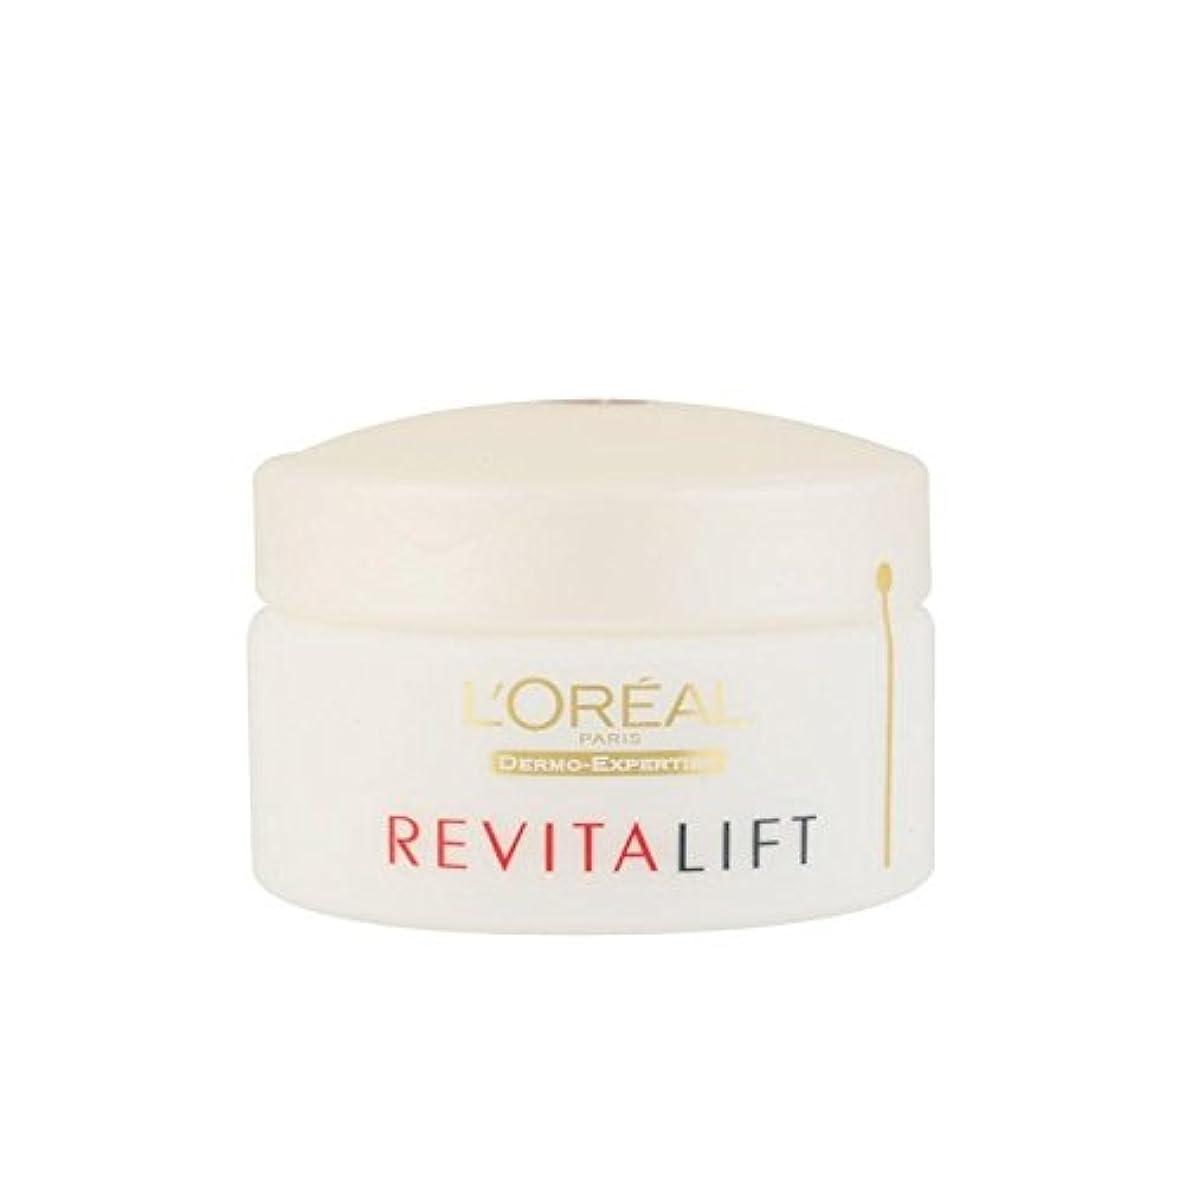 添付ラウズ壁ロレアルパリ、真皮の専門知識の抗シワ+ファーミングデイクリーム(50ミリリットル) x2 - L'Oreal Paris Dermo Expertise Revitalift Anti-Wrinkle + Firming Day Cream (50ml) (Pack of 2) [並行輸入品]